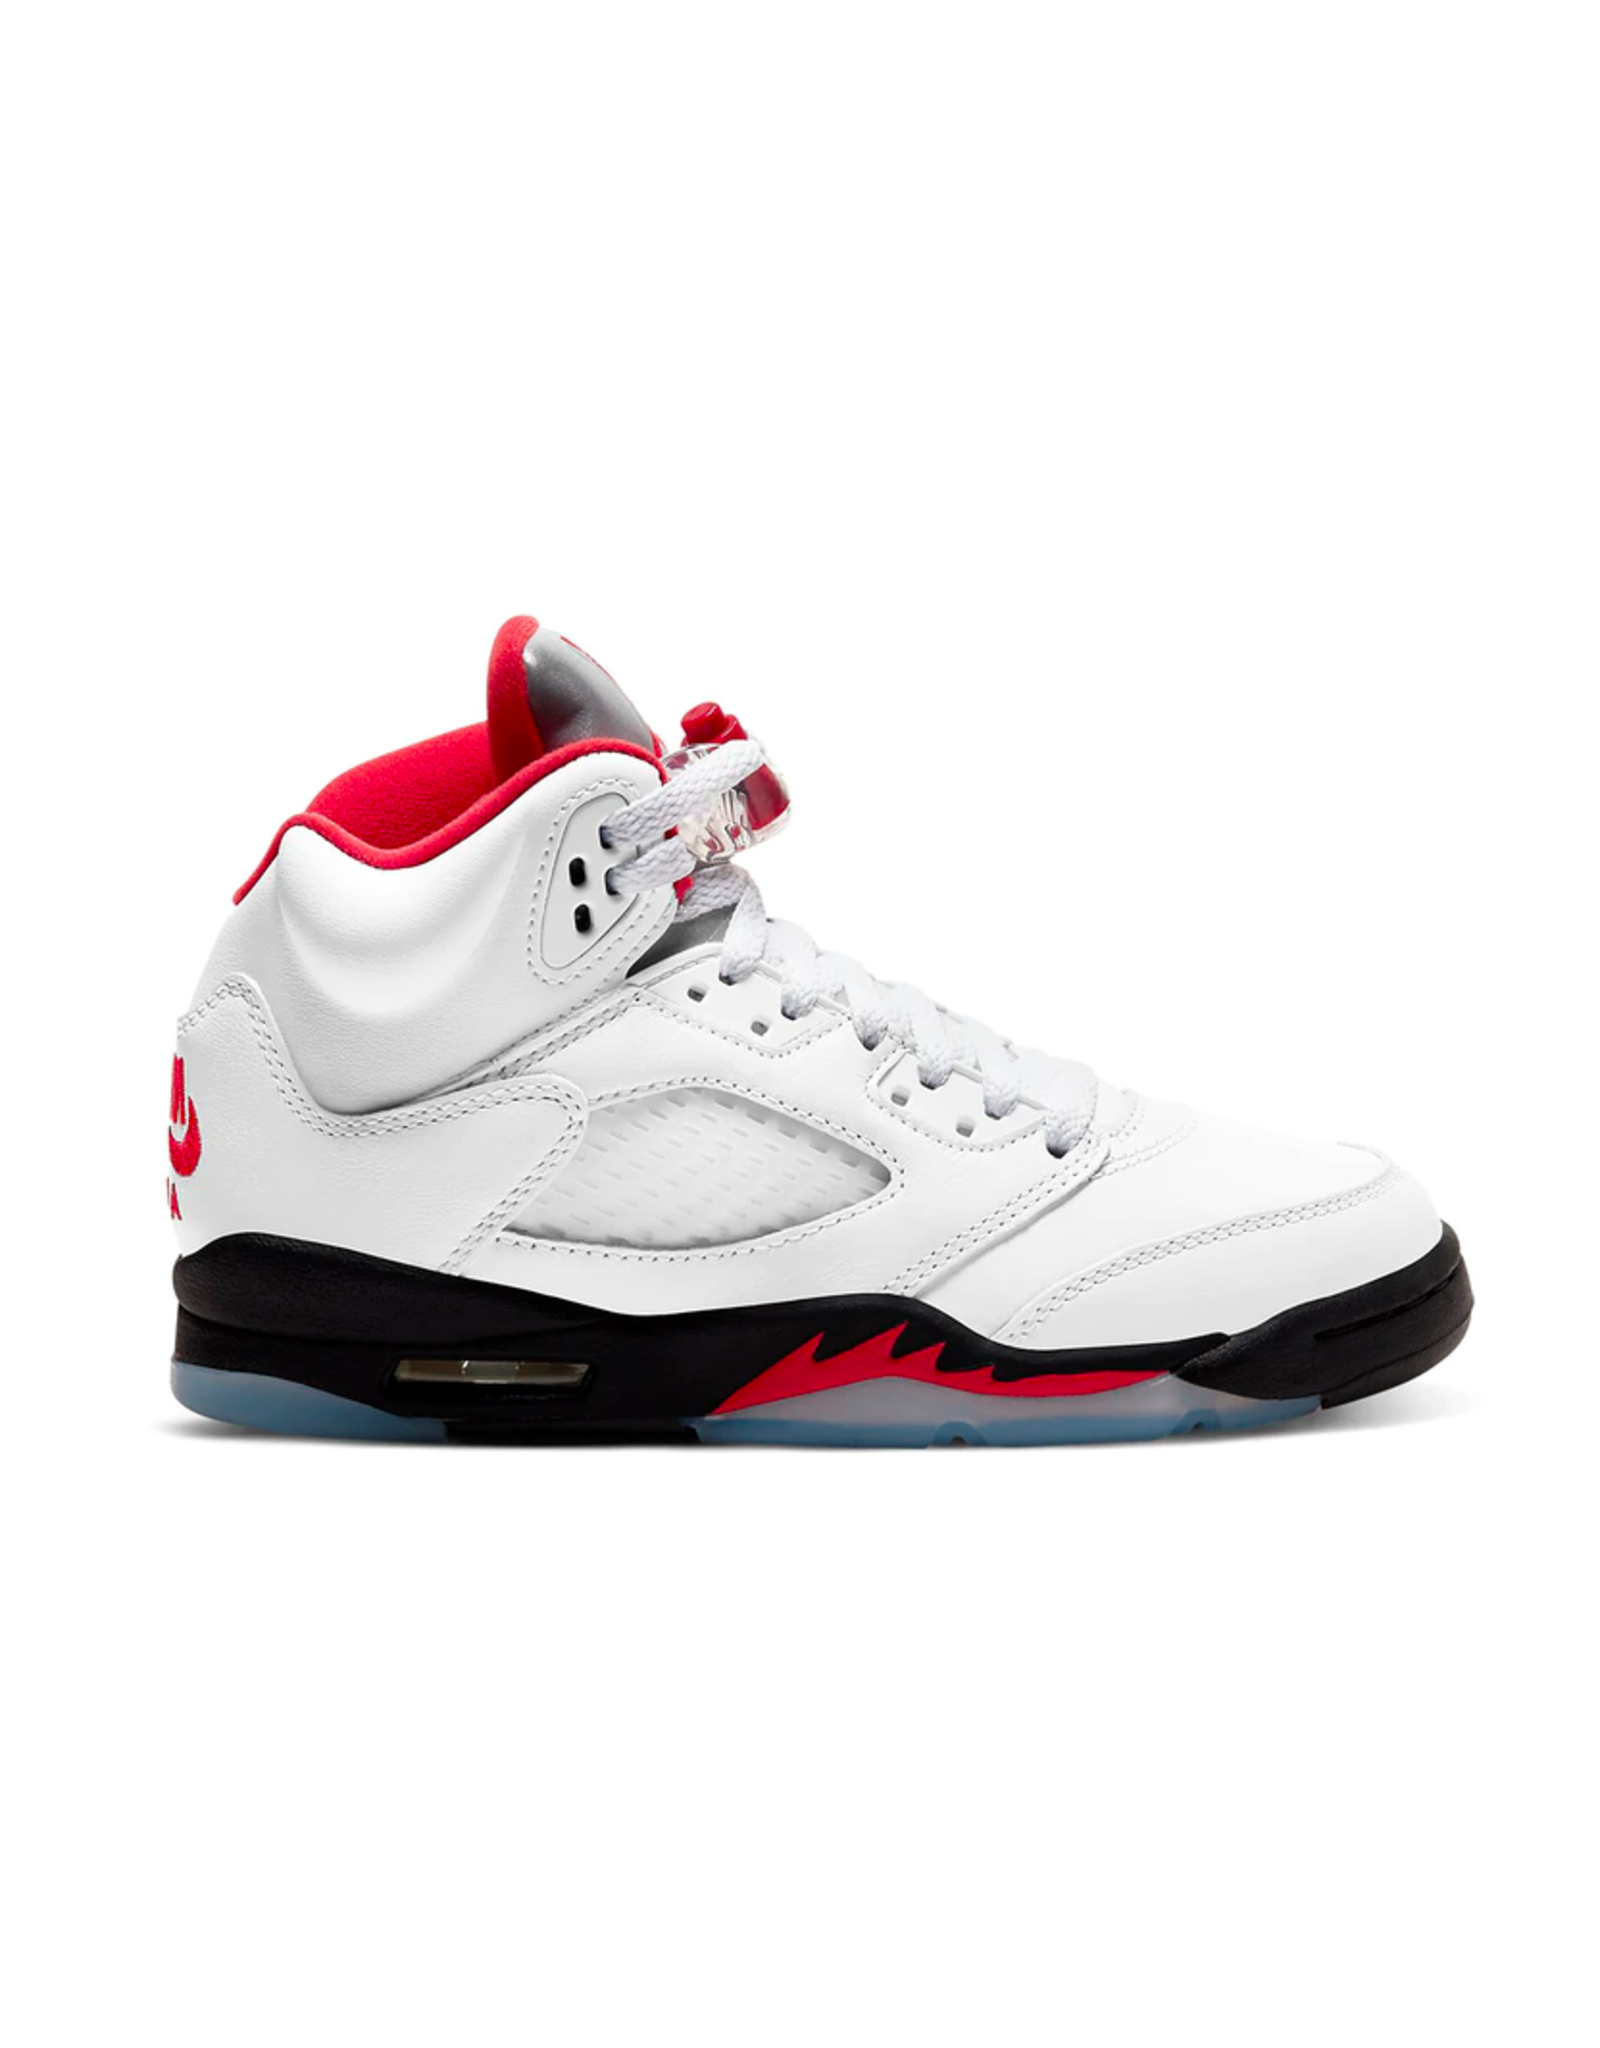 JORDAN Jordan 5 Retro Fire Red 2013 (GS)